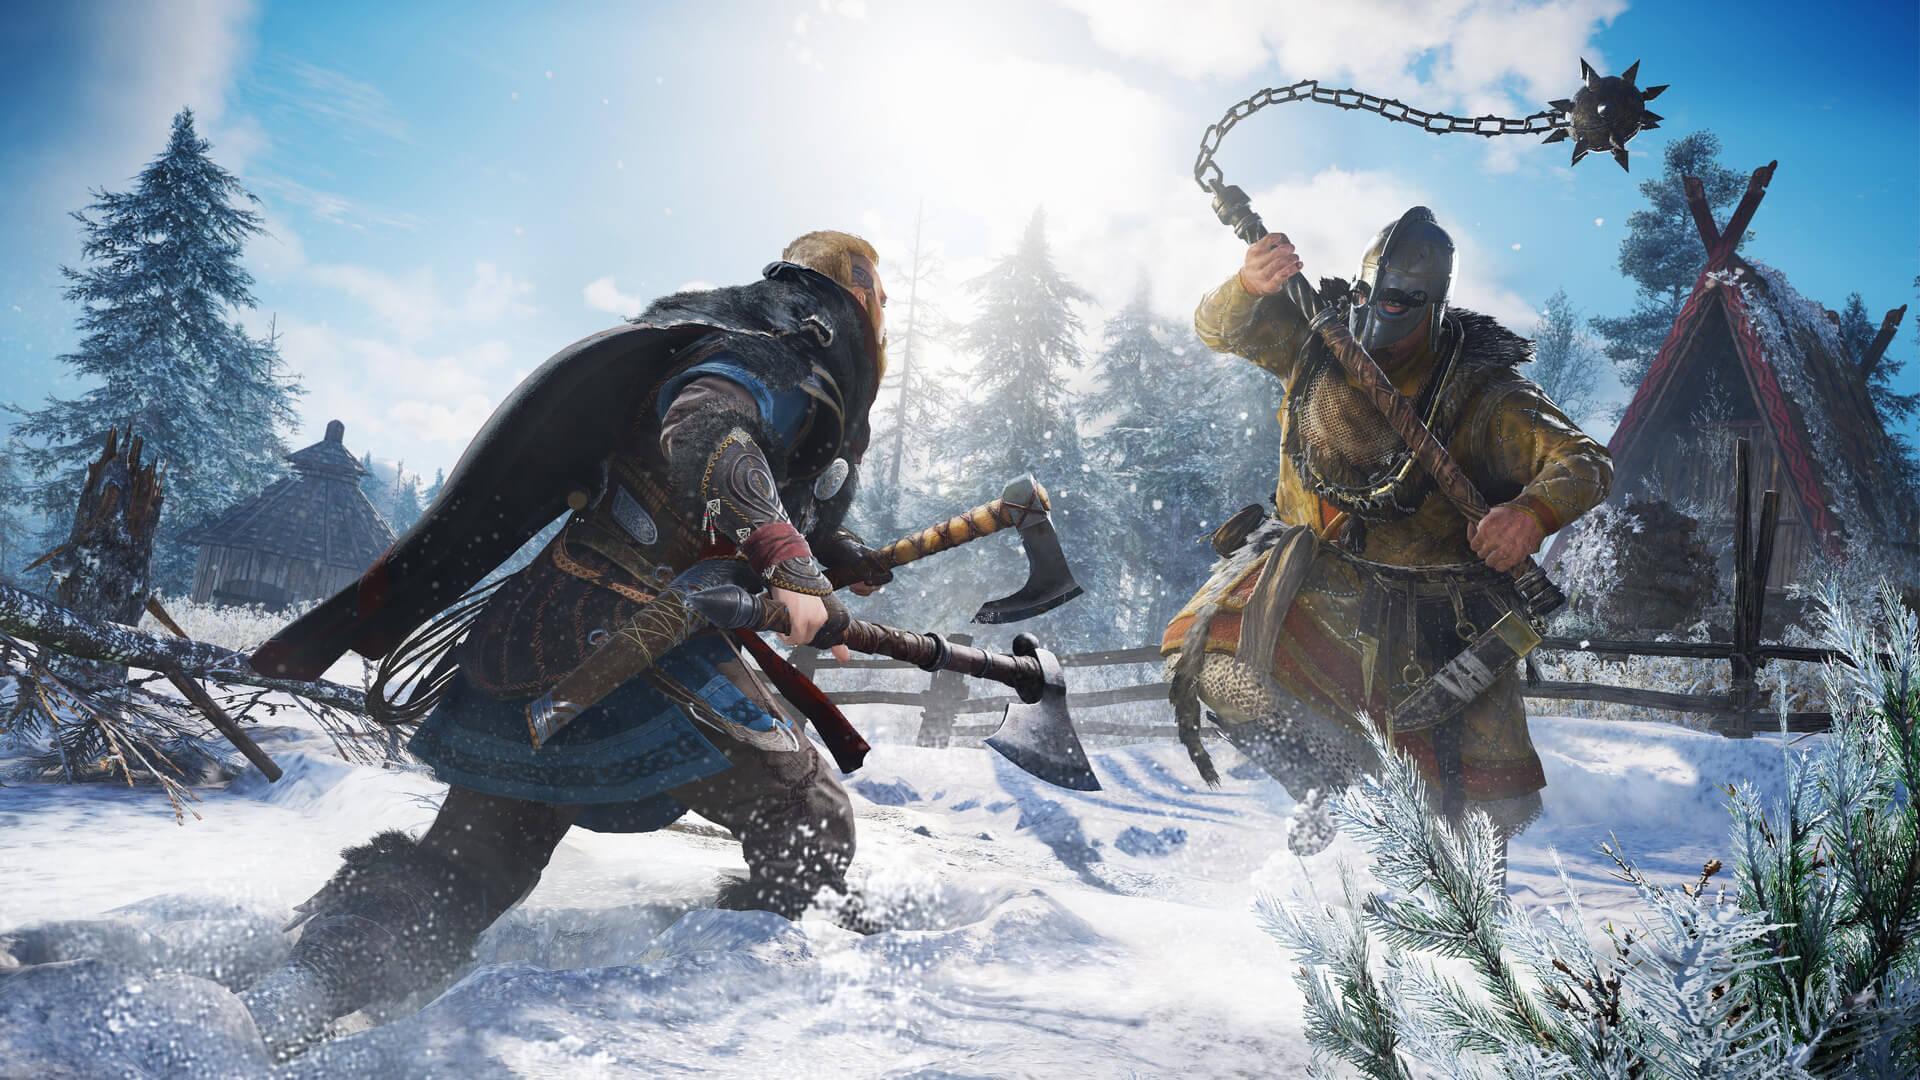 Assassin's Creed: Valhalla будет включать в себя рэп-баттлы викингов